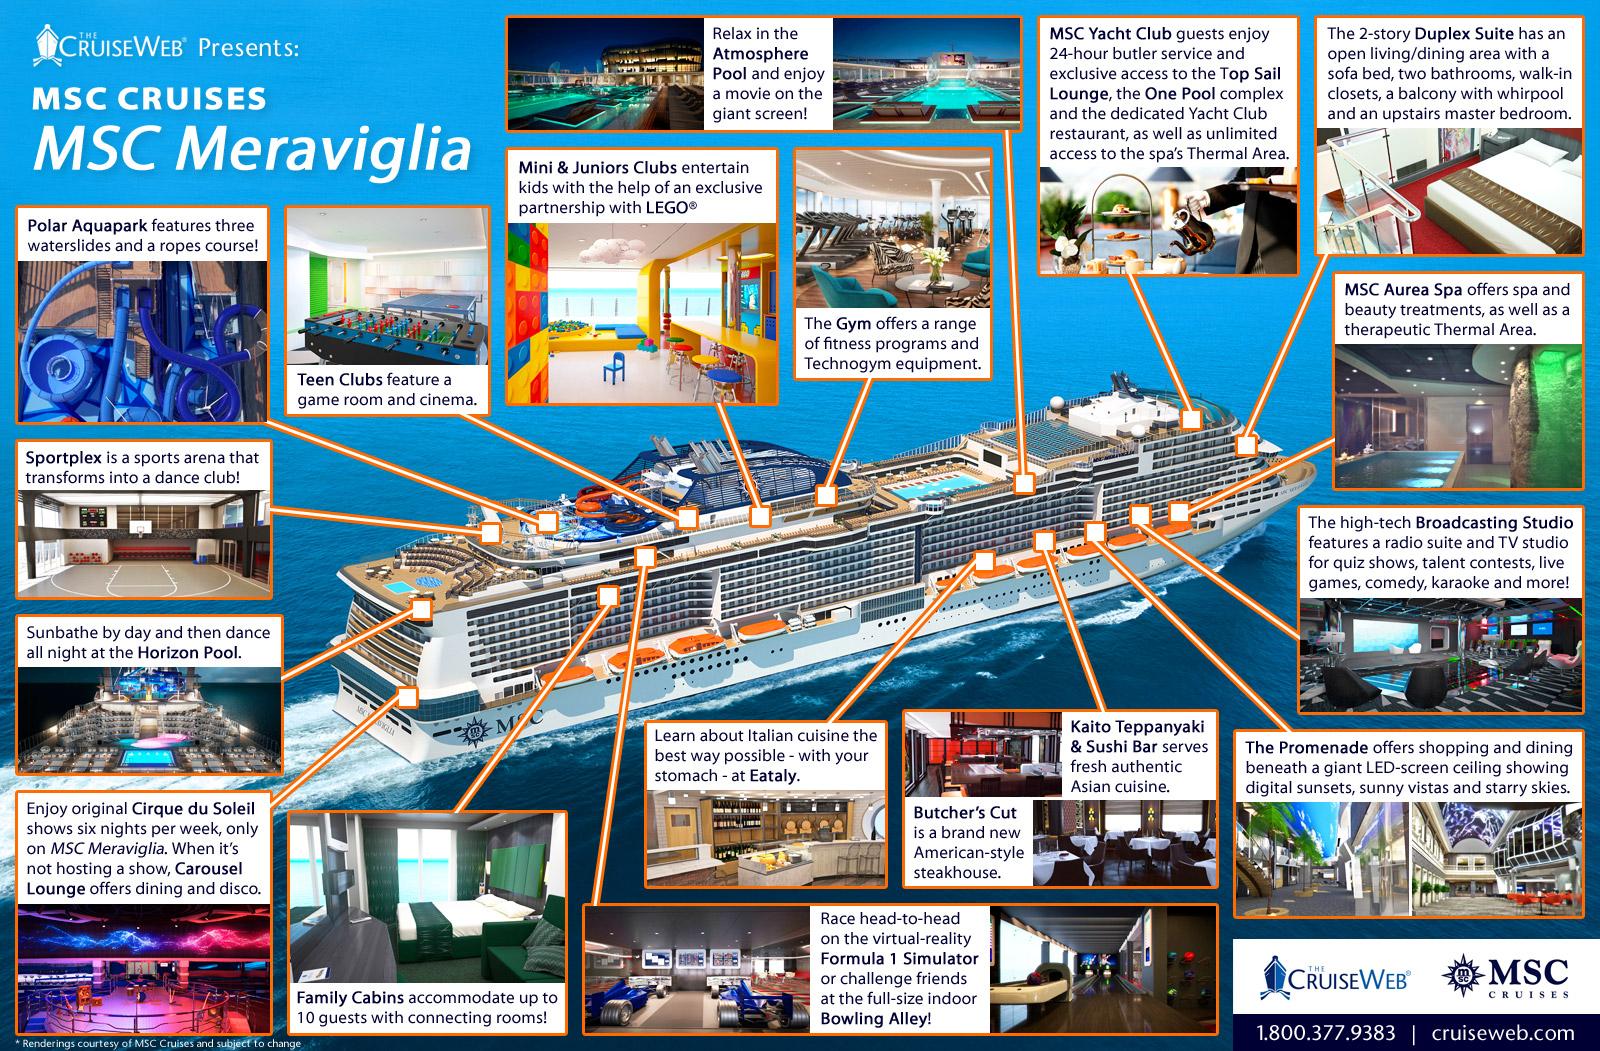 MSC Meraviglia Cruise Ship Infographic